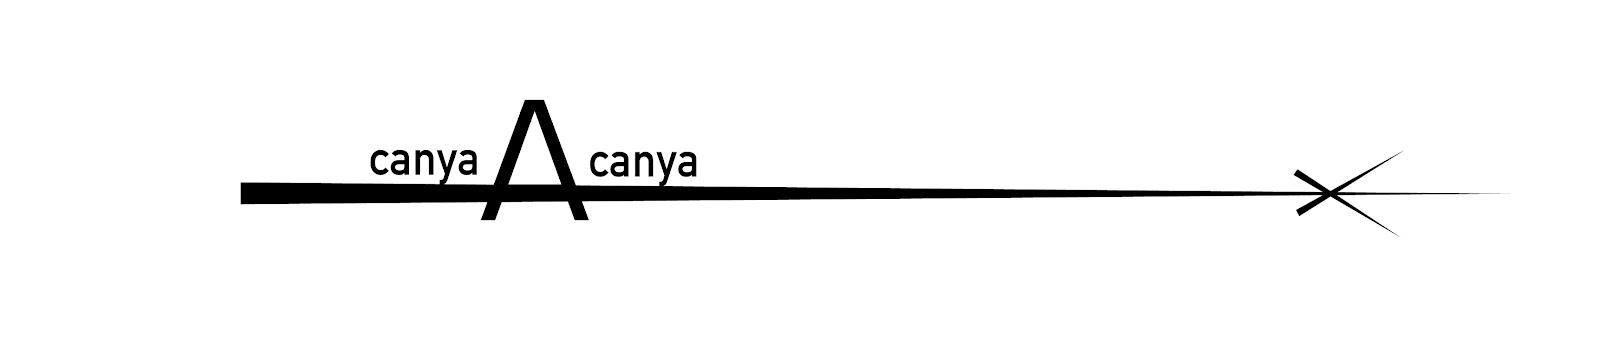 logo_canya04w.jpg